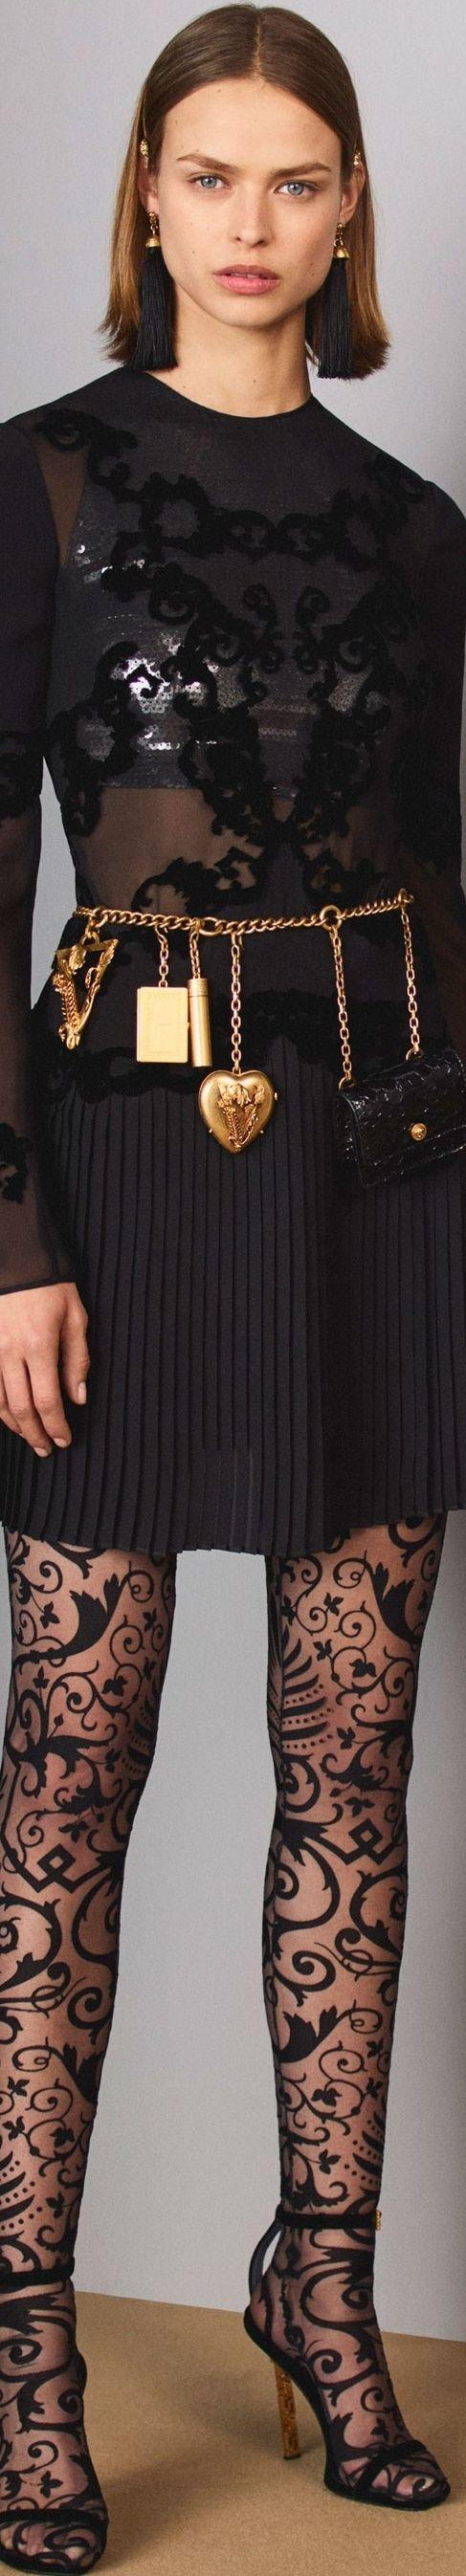 Mejores 55 imágenes de VERSACE en Pinterest | Versace, Editoriales ...